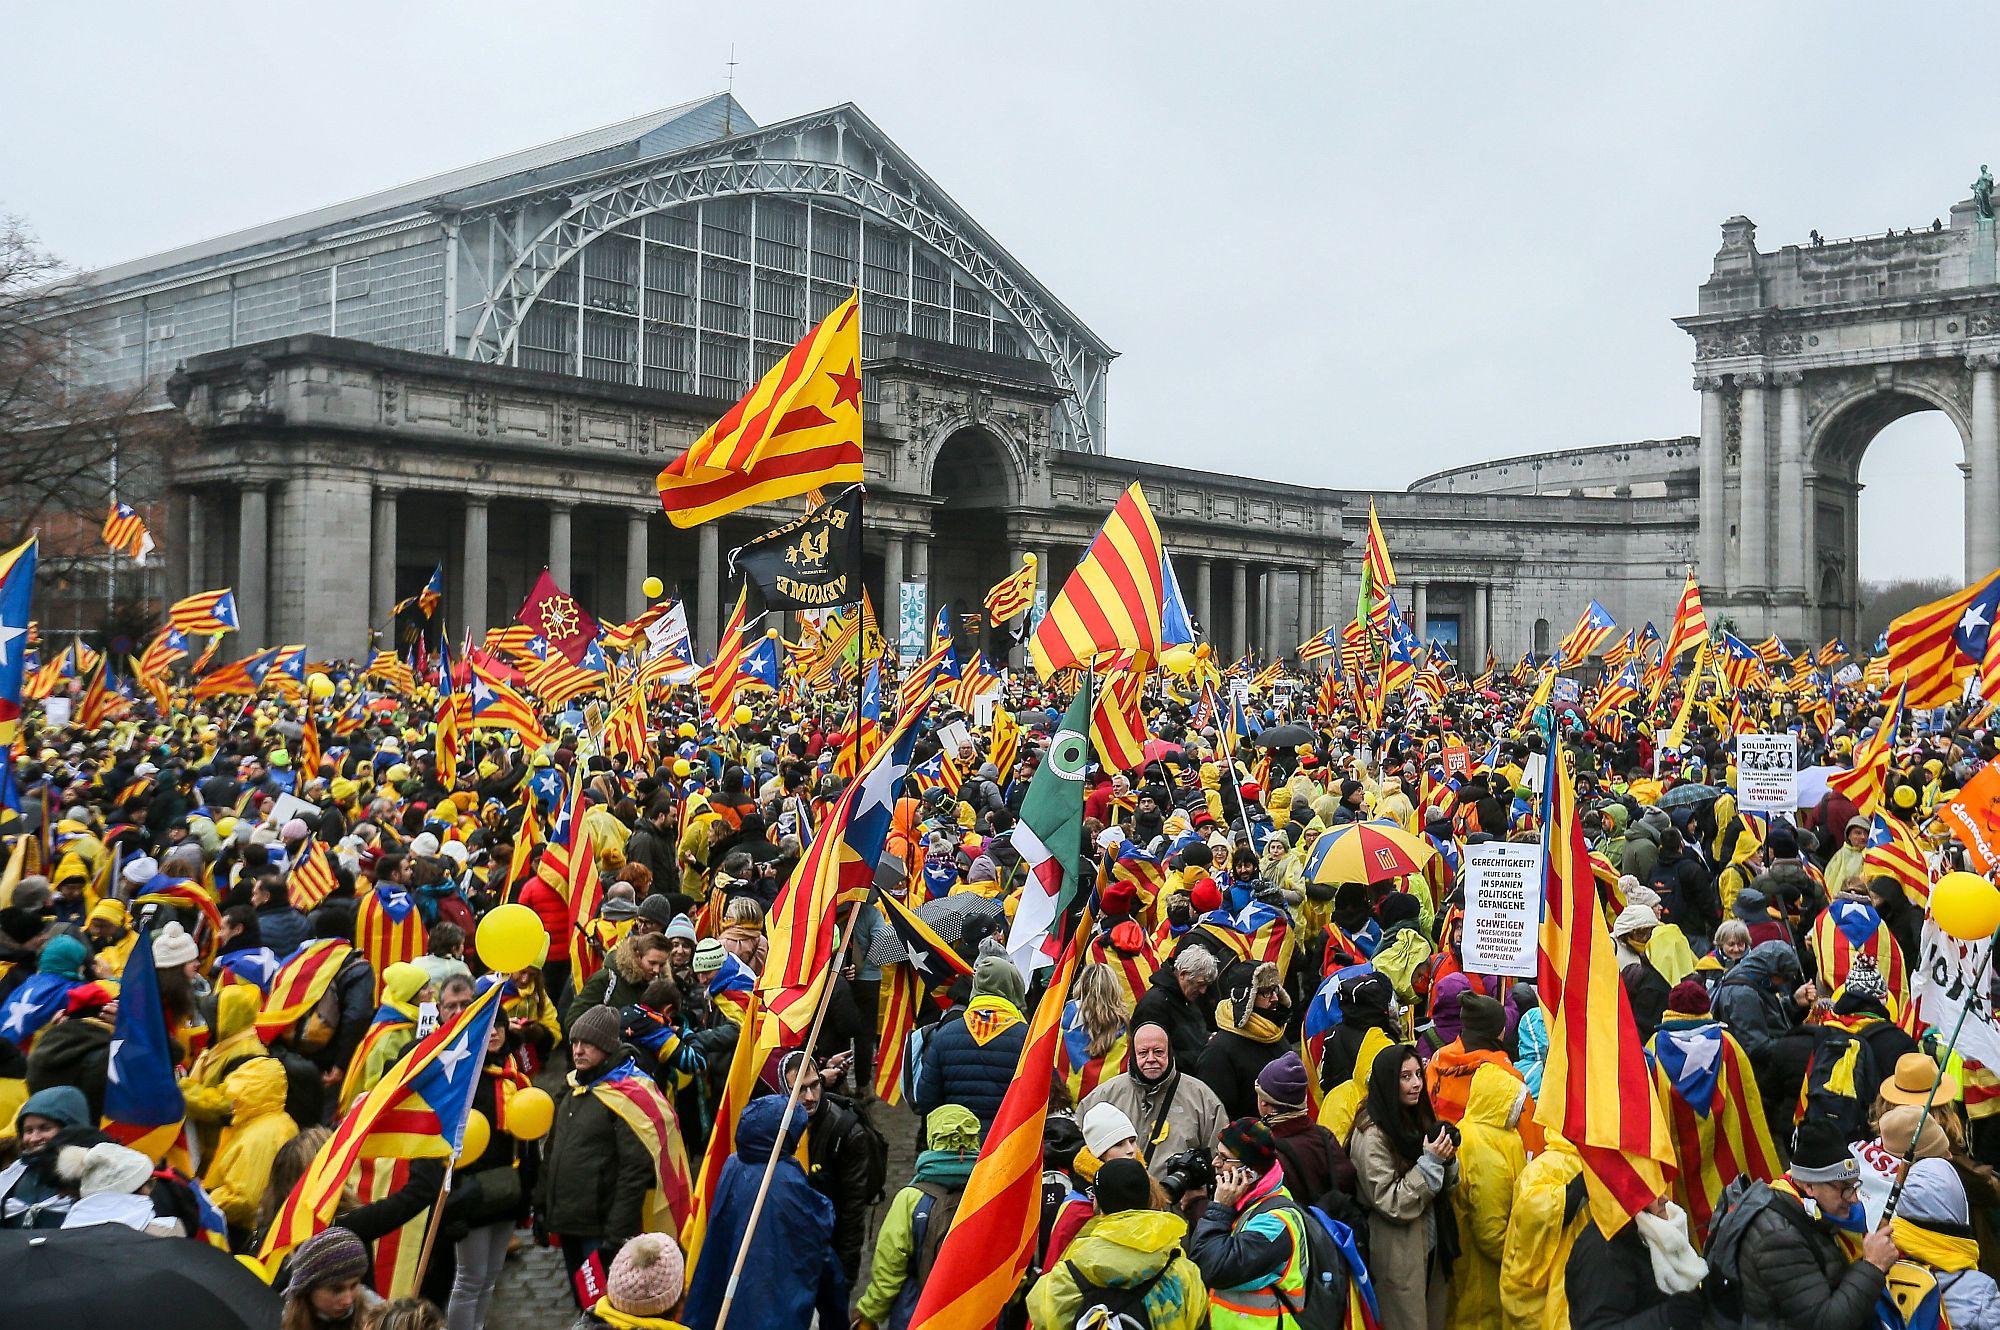 Brüsszel, 2017. december 7. Katalánok ezrei tüntetnek Brüsszelben 2017. december 7-én, két nappal azután, hogy visszavonta az európai elfogatóparancsot a Brüsszelbe menekült Carles Puigdemont leváltott katalán elnök és menesztett kormánya négy tagja ellen a spanyol legfelsőbb bíróság. A katalán parlament október 27-én kiáltotta ki a függetlenséget, Mariano Rajoy spanyol kormányfő még aznap menesztette a katalán kormányt, feloszlatta a parlamentet, és december 21-re előrehozott tartományi választásokat írt ki. (MTI/EPA/Stephanie Lecocq)